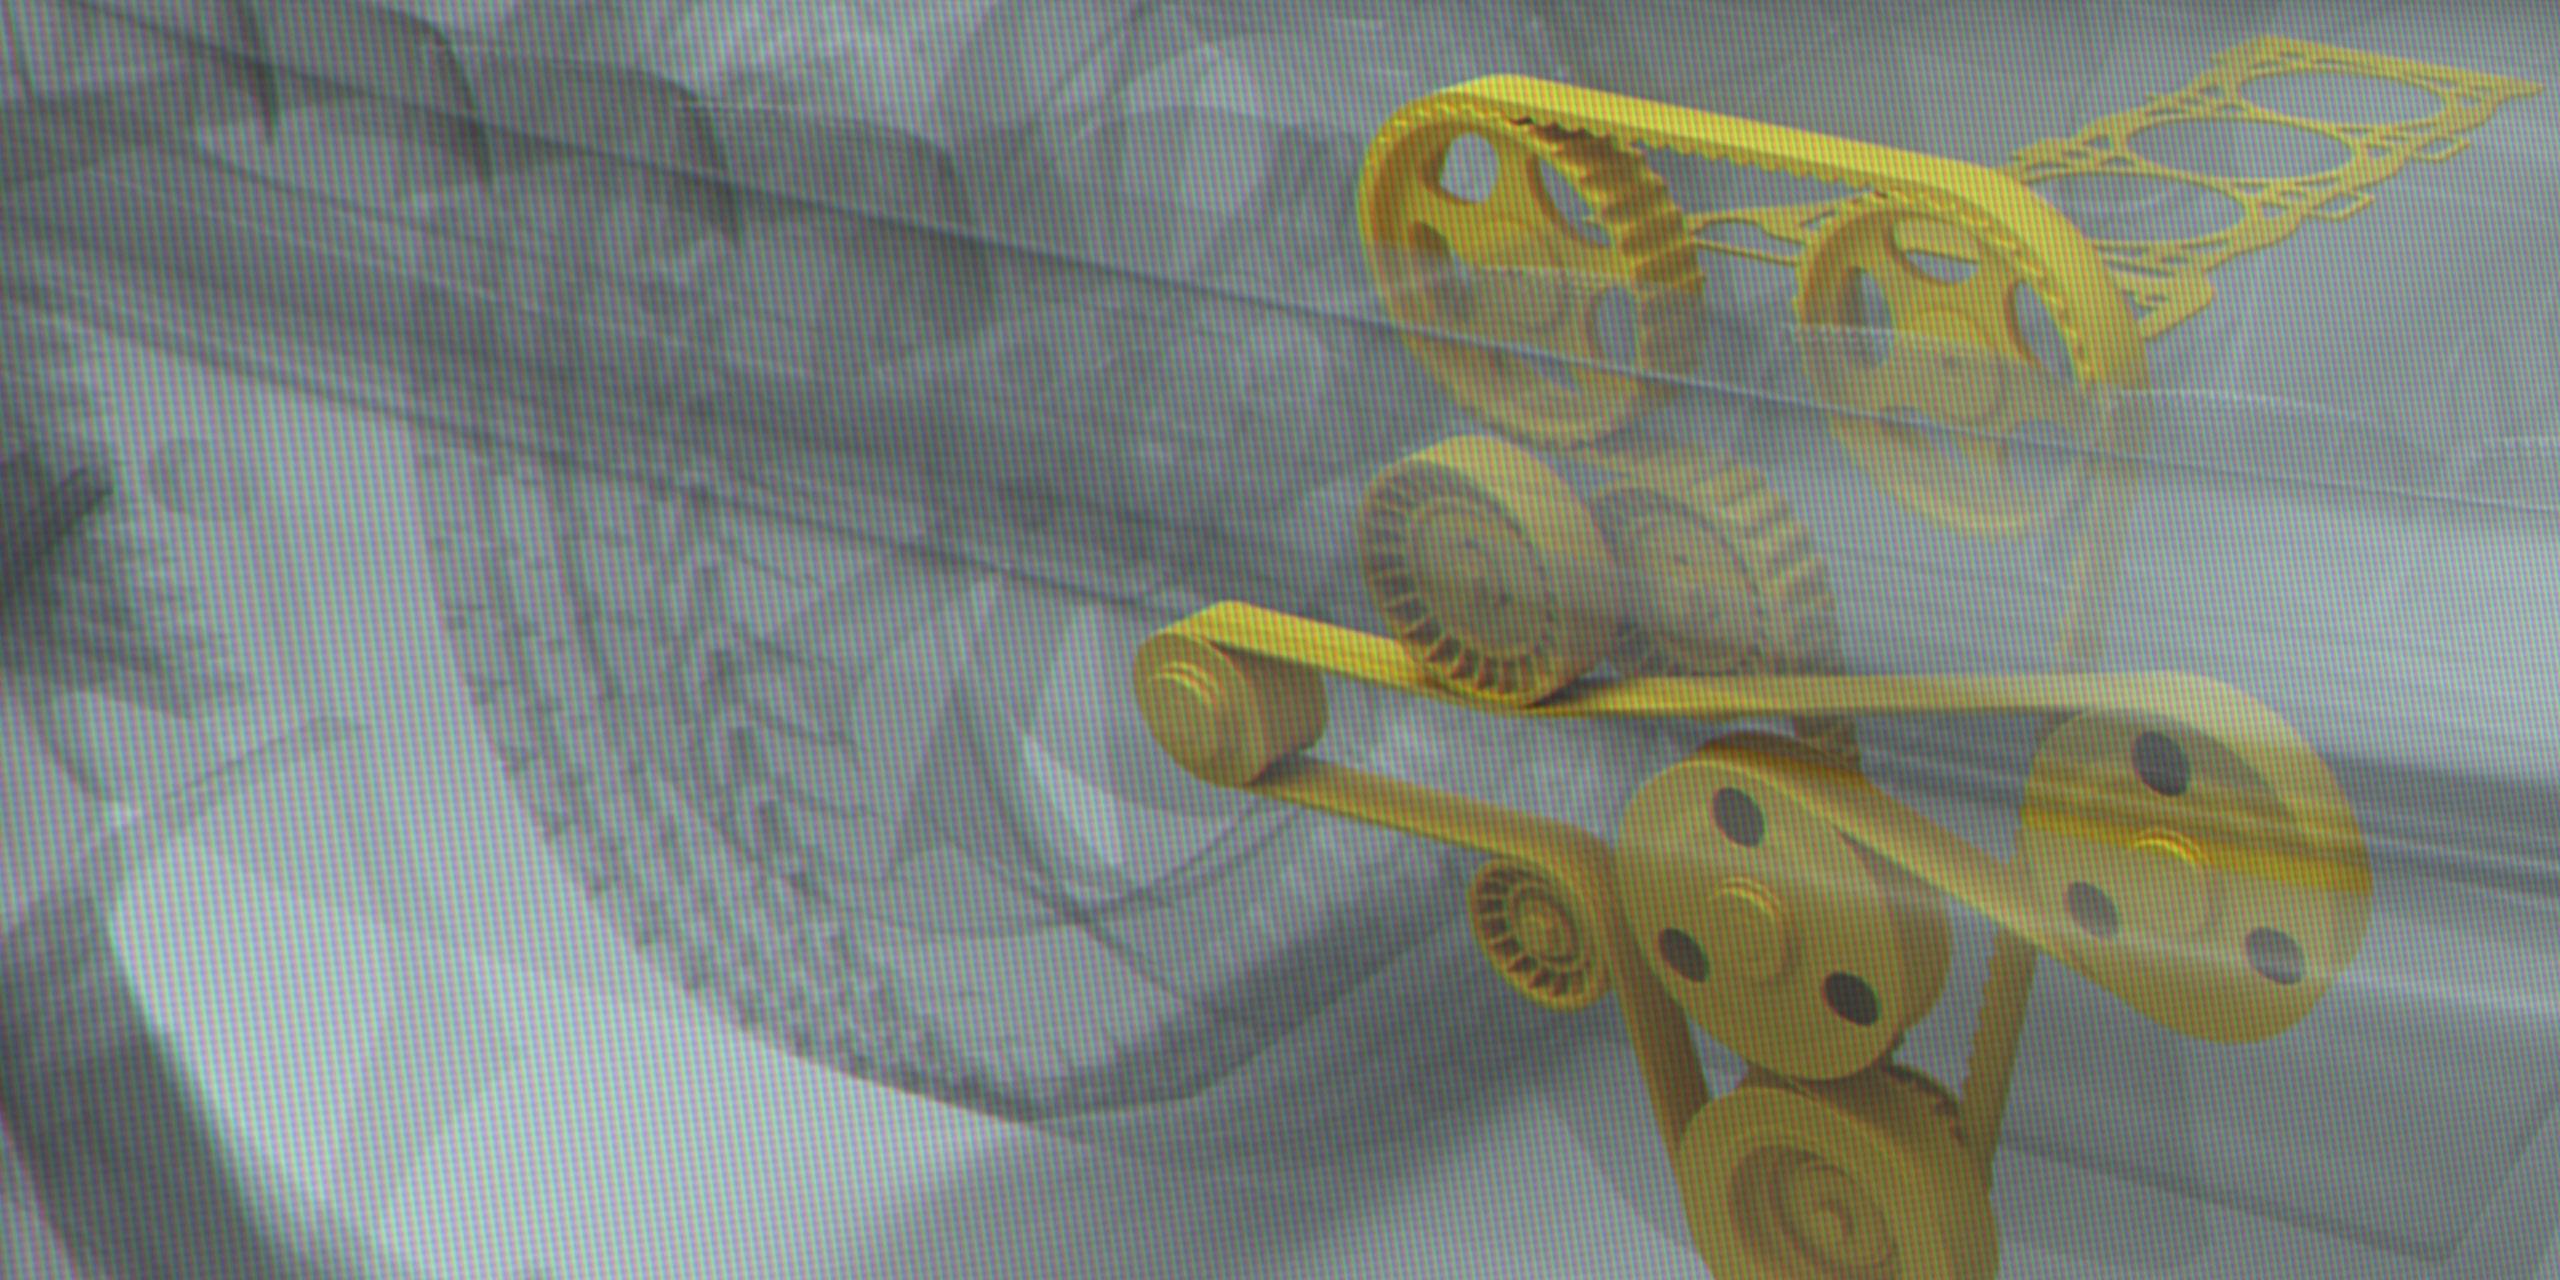 3D visual van auto waarin in geel is aangegeven wat aramide is